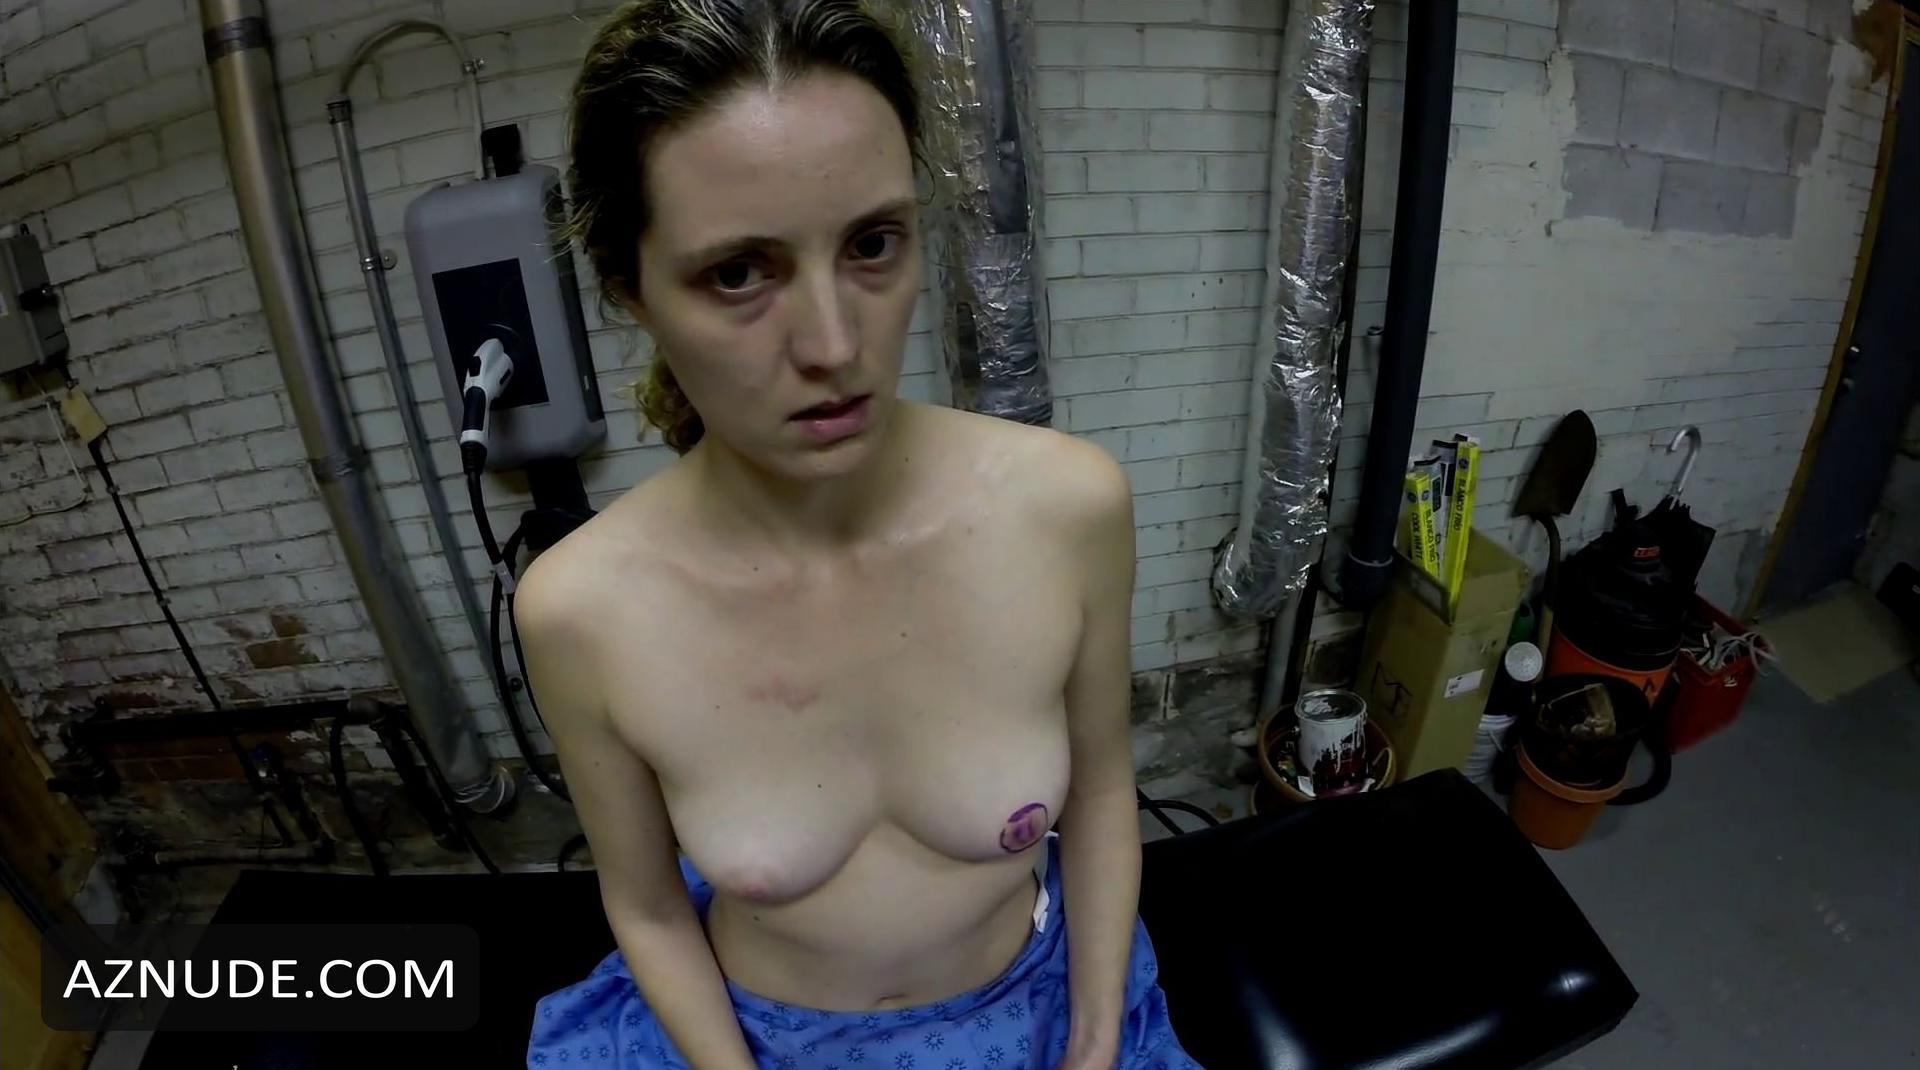 Farrah abraham sex tape scene 2